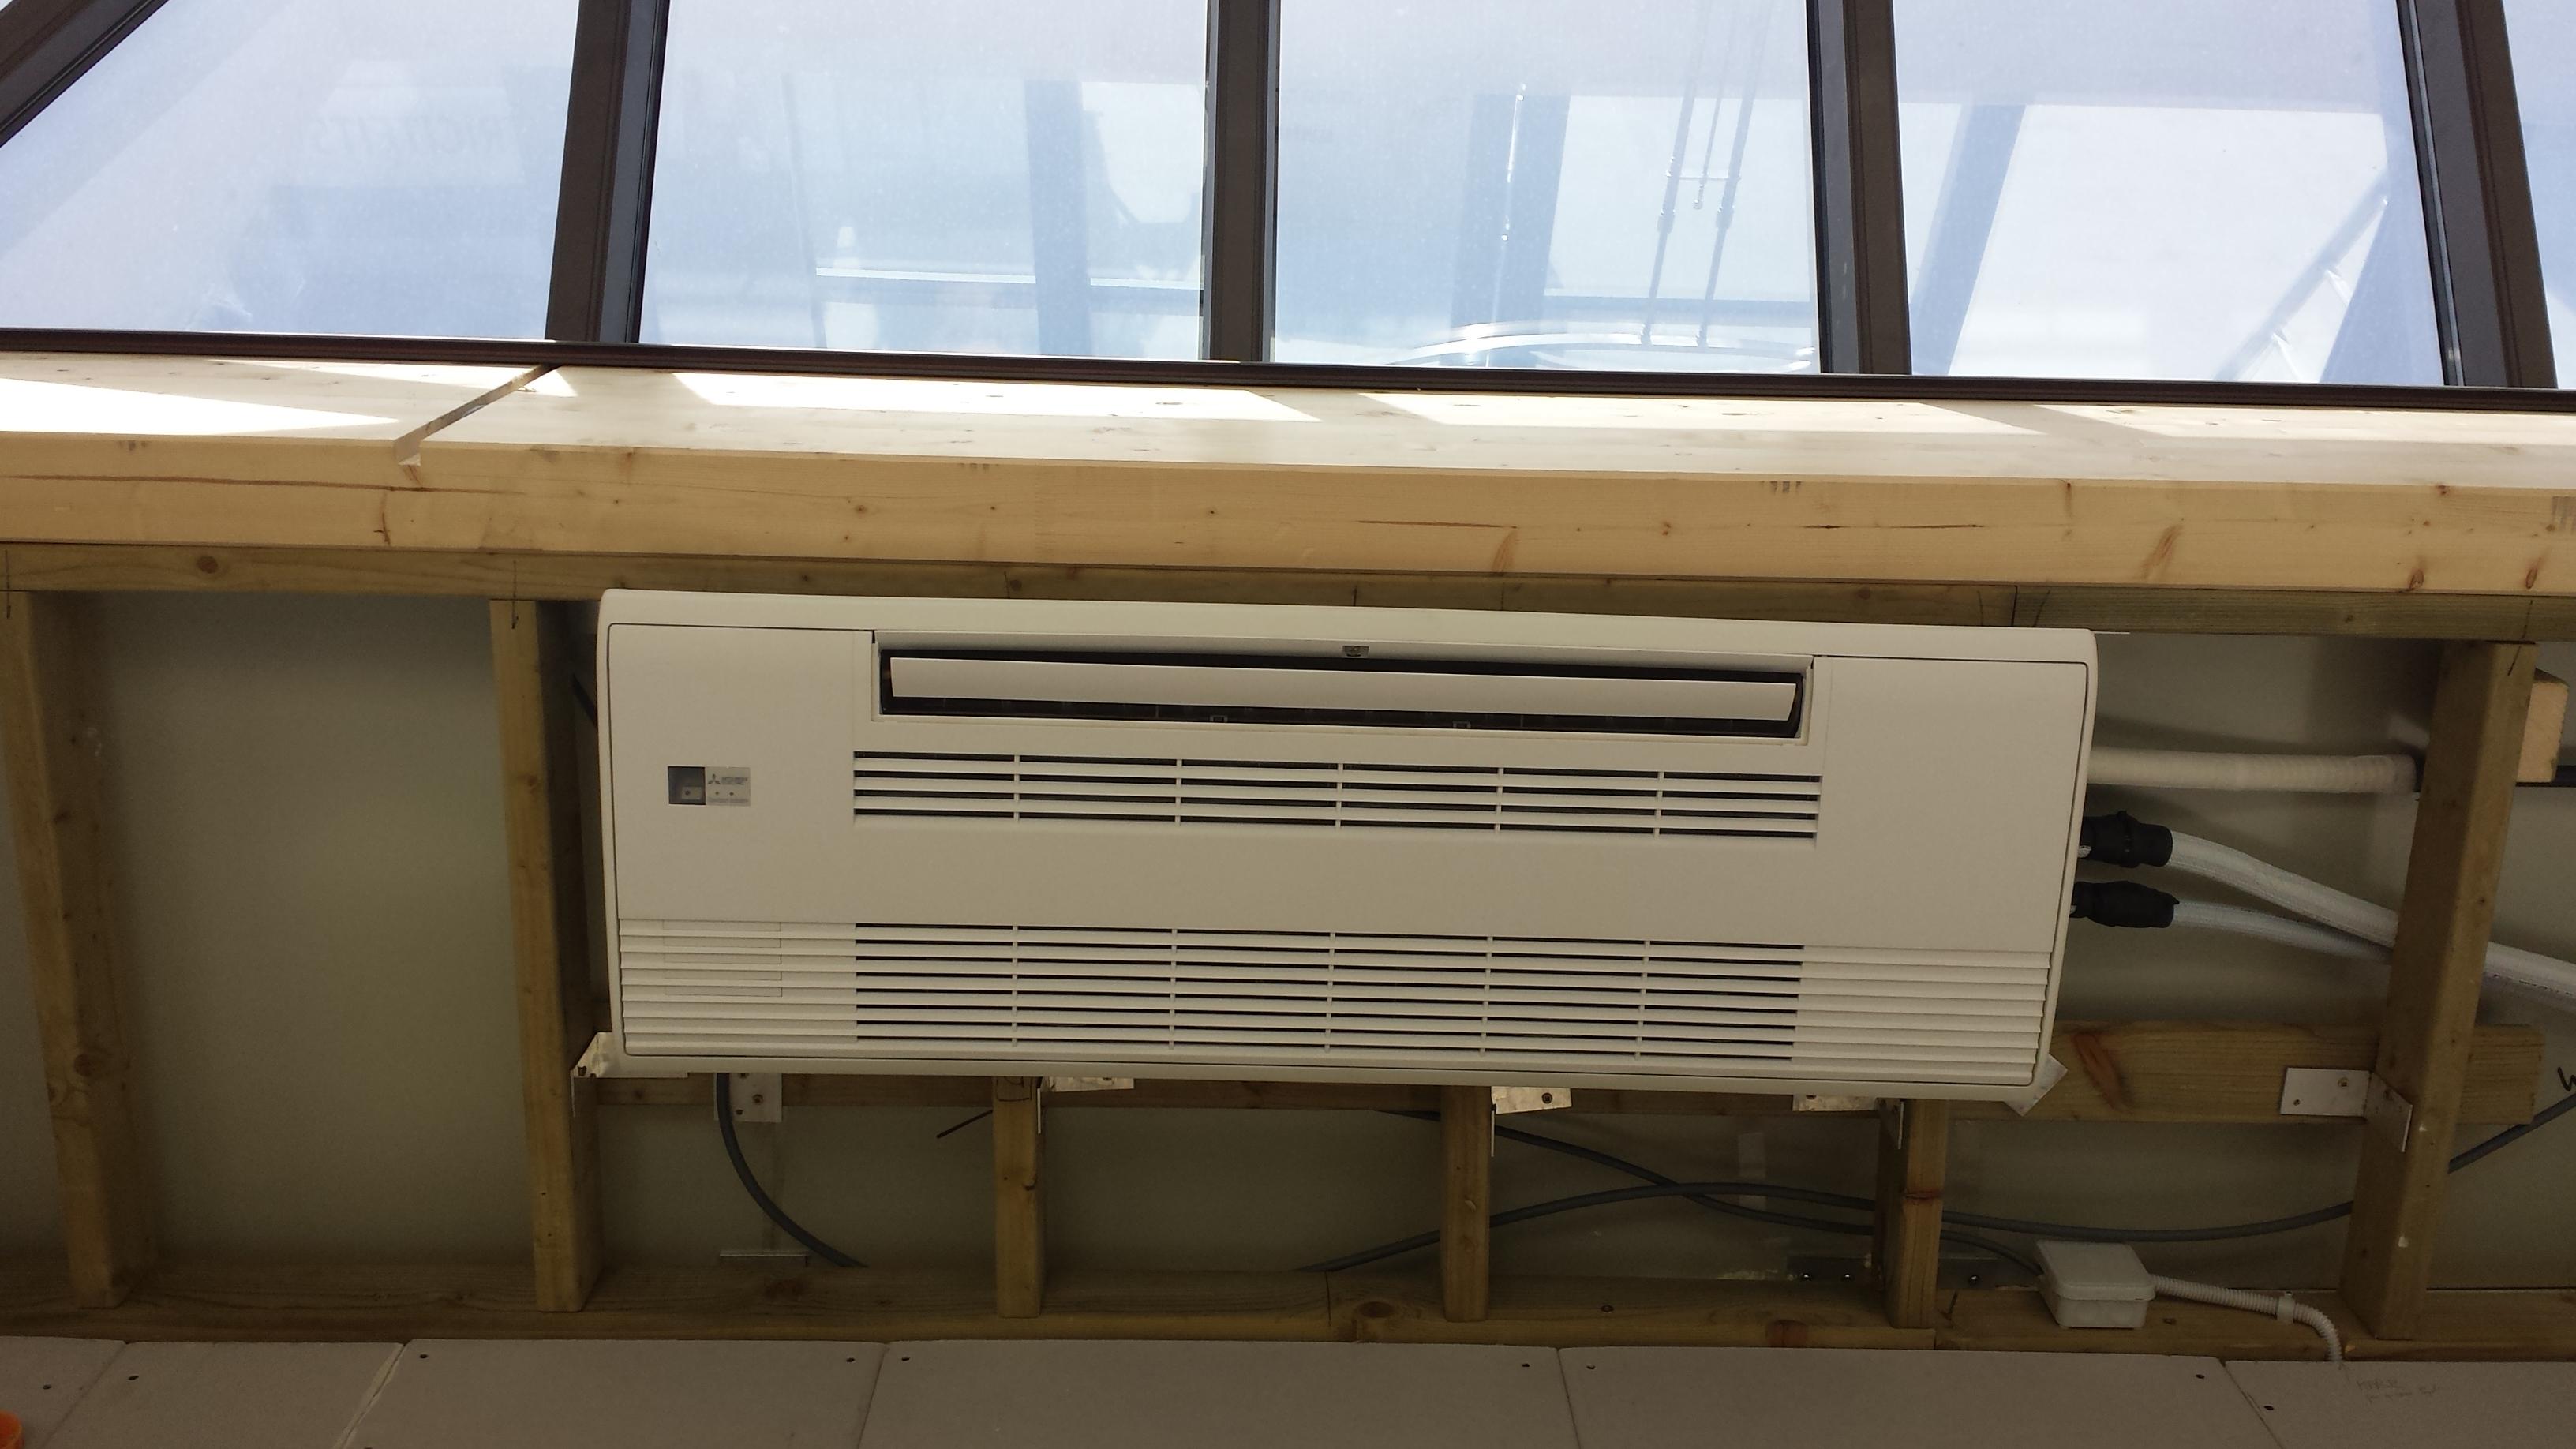 Airco Slaapkamer Inbouwen : Airco slaapkamer inbouw schuifdeurkast in hoek onder schuindak